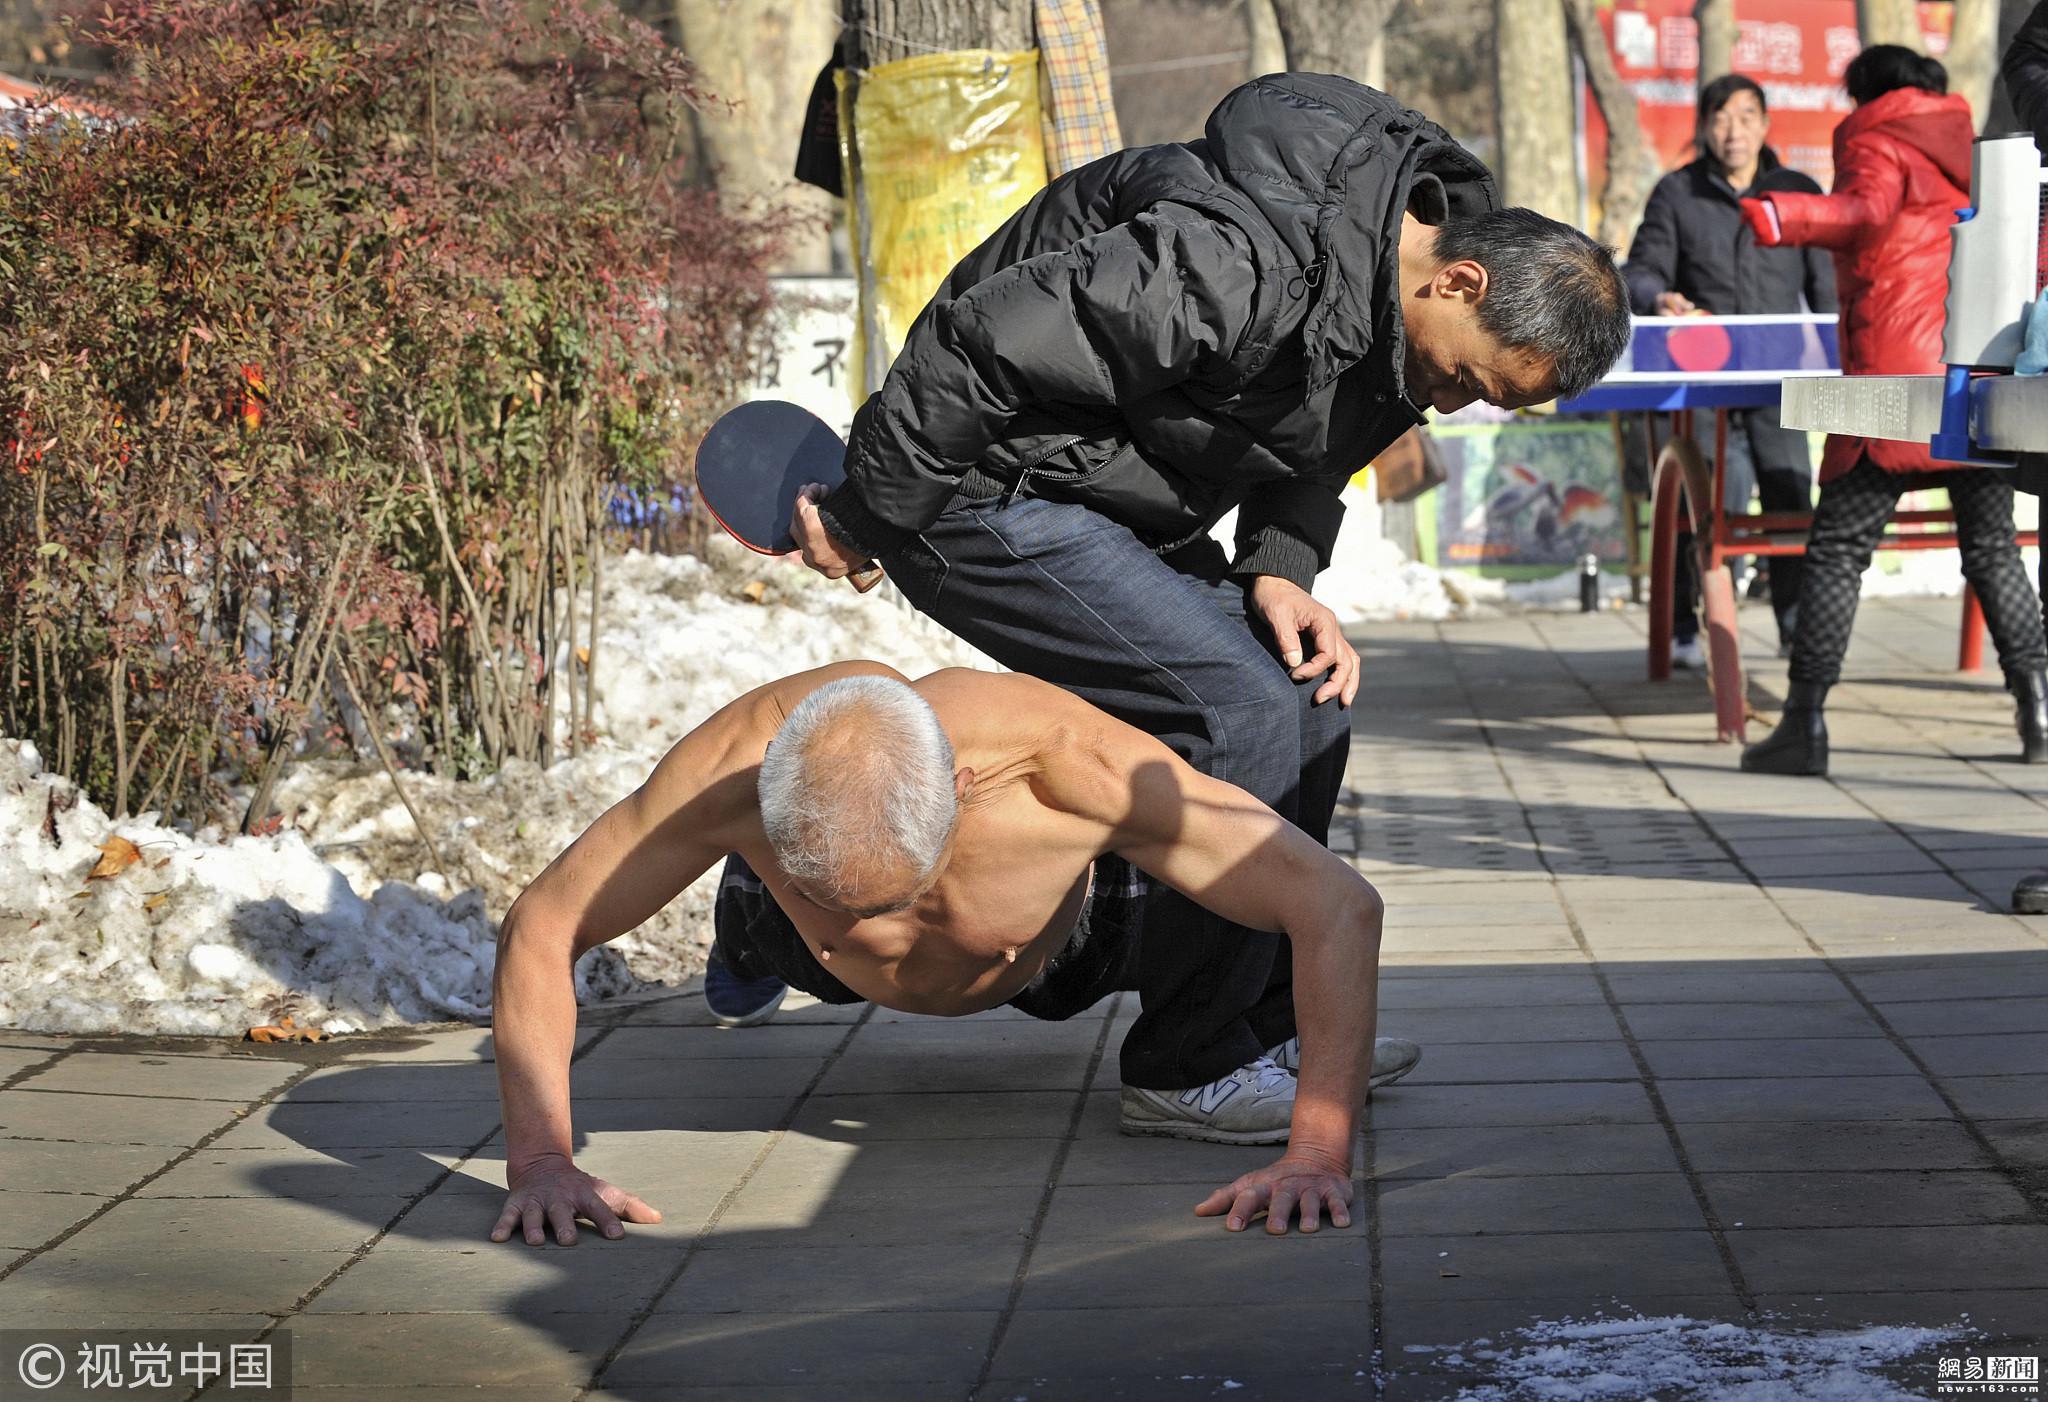 69岁老人零下8度赤膊锻炼 一年四季洗冷水澡! - 周公乐 - xinhua8848 的博客